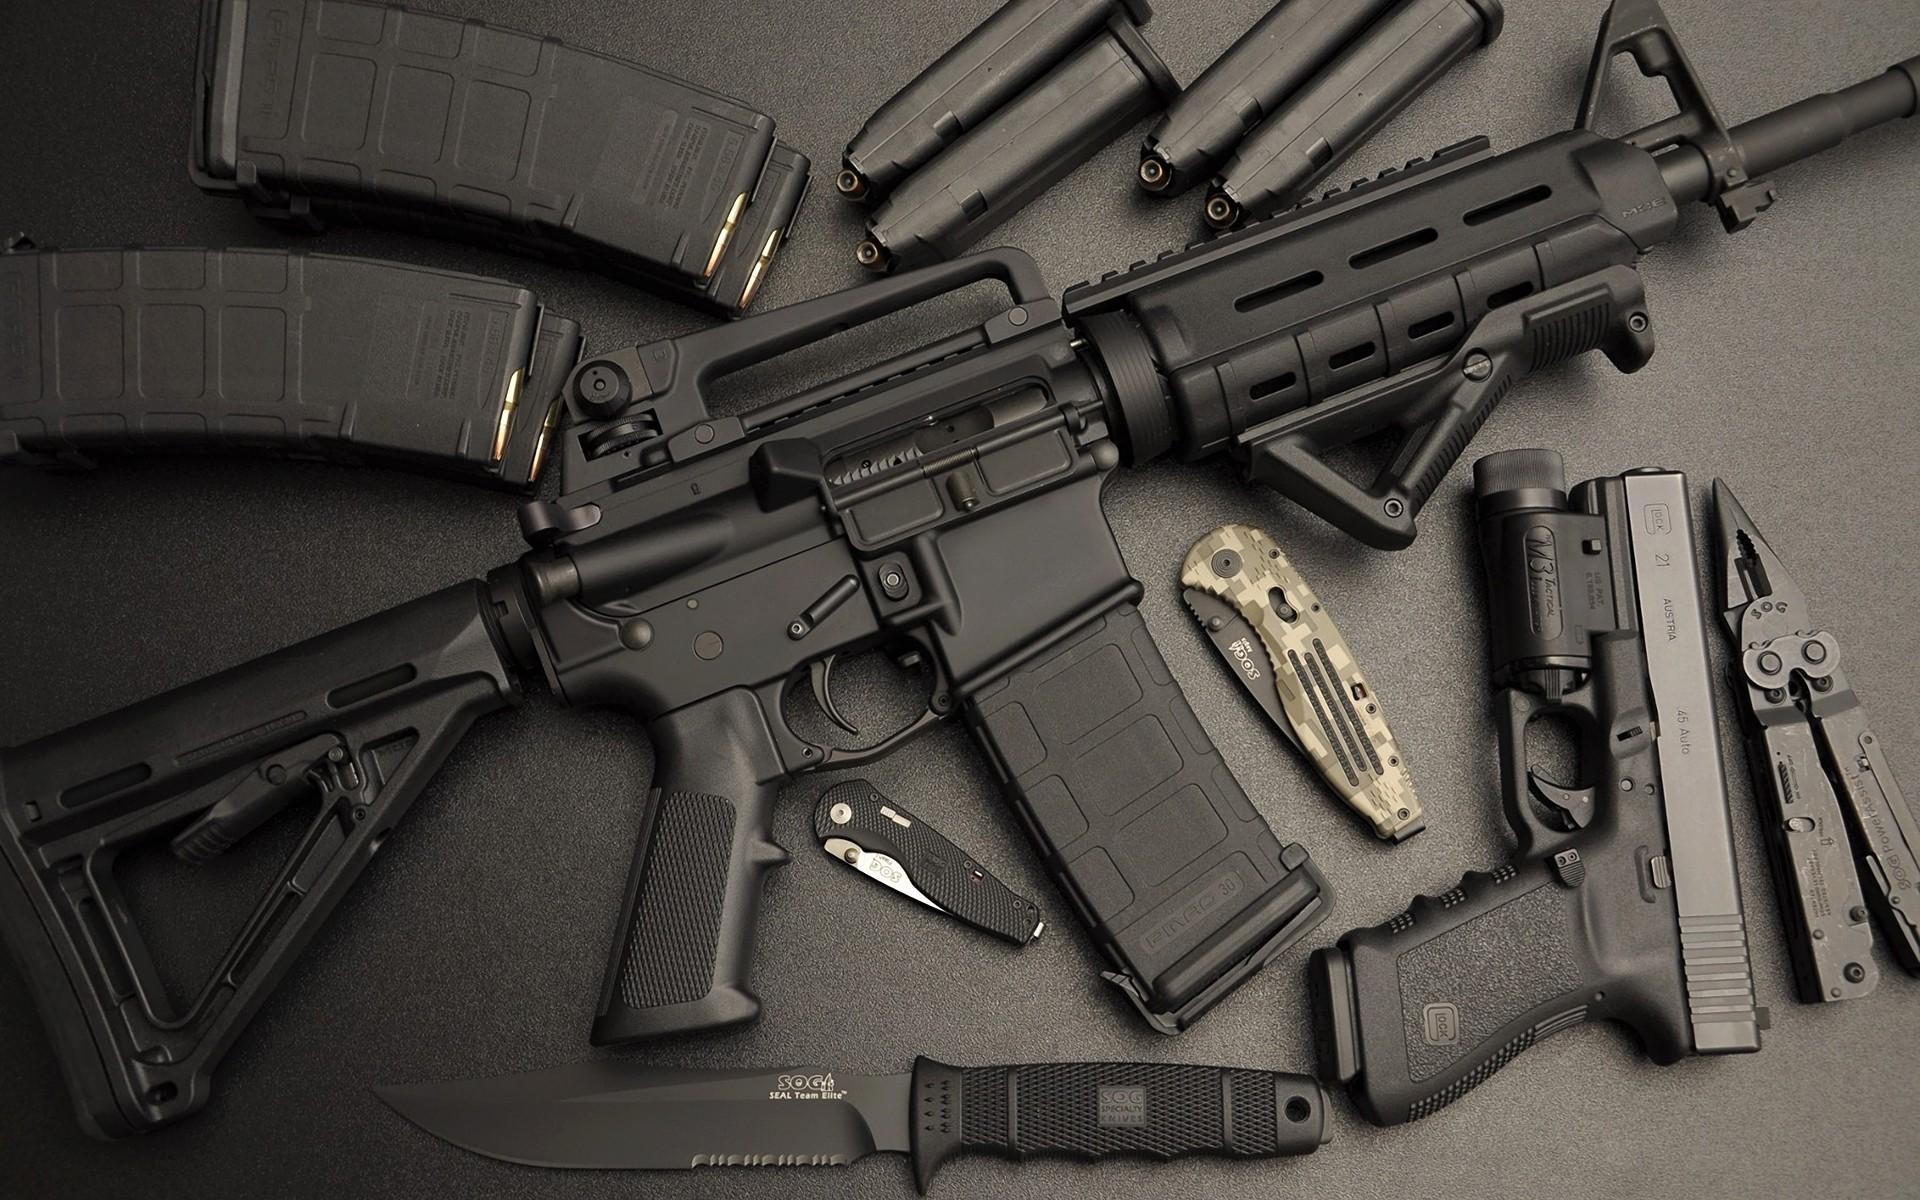 Wallpaper Weapon Pistol Ammunition Knife Assault Rifle